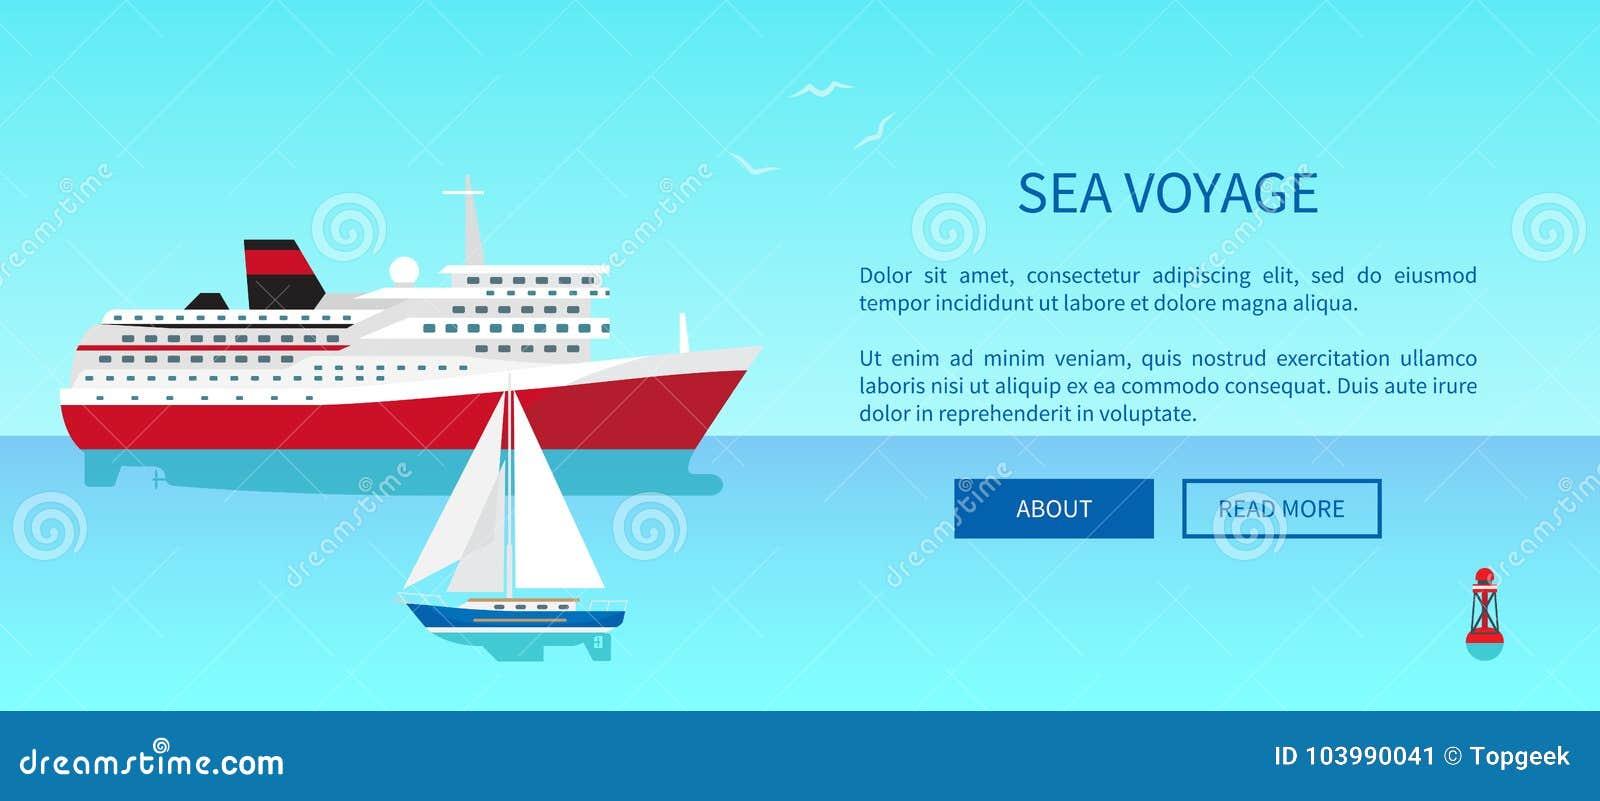 El mar viaja el cartel promocional, yate moderno